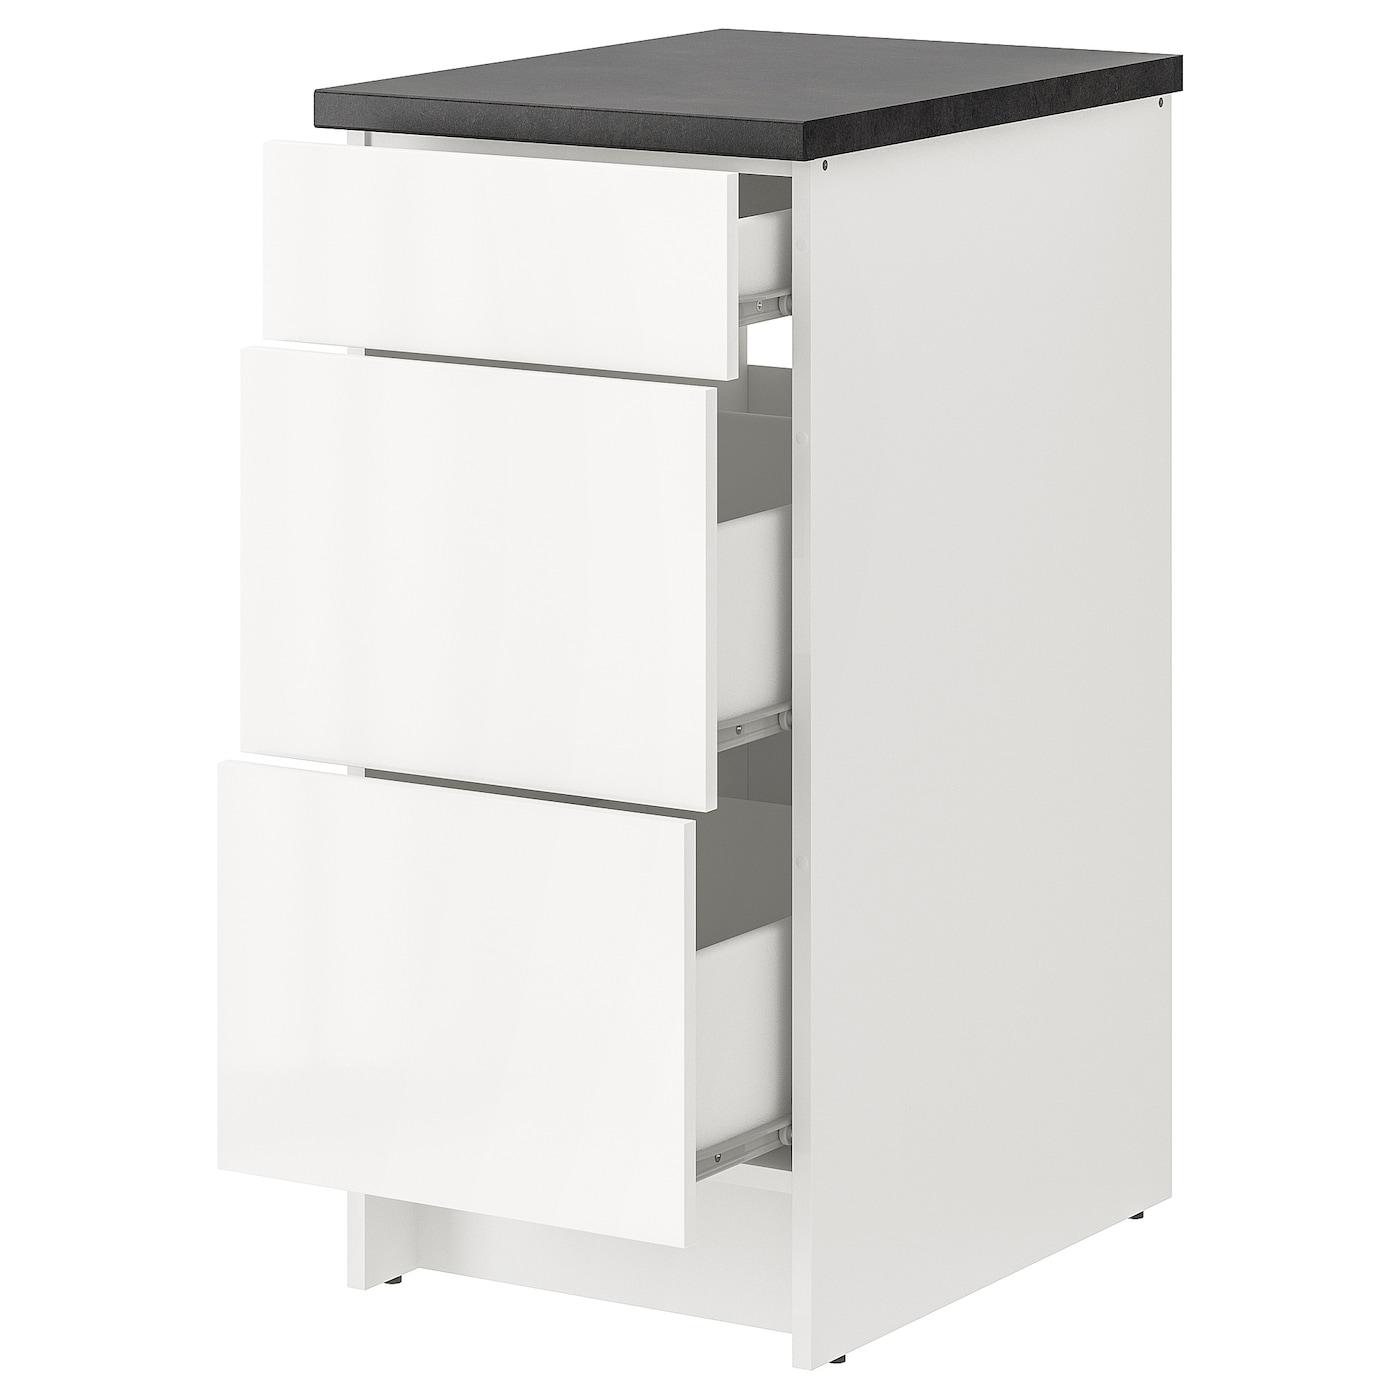 Tv Unterschrank Ikea : knoxhult unterschrank mit schubladen hochglanz wei ikea ~ Watch28wear.com Haus und Dekorationen